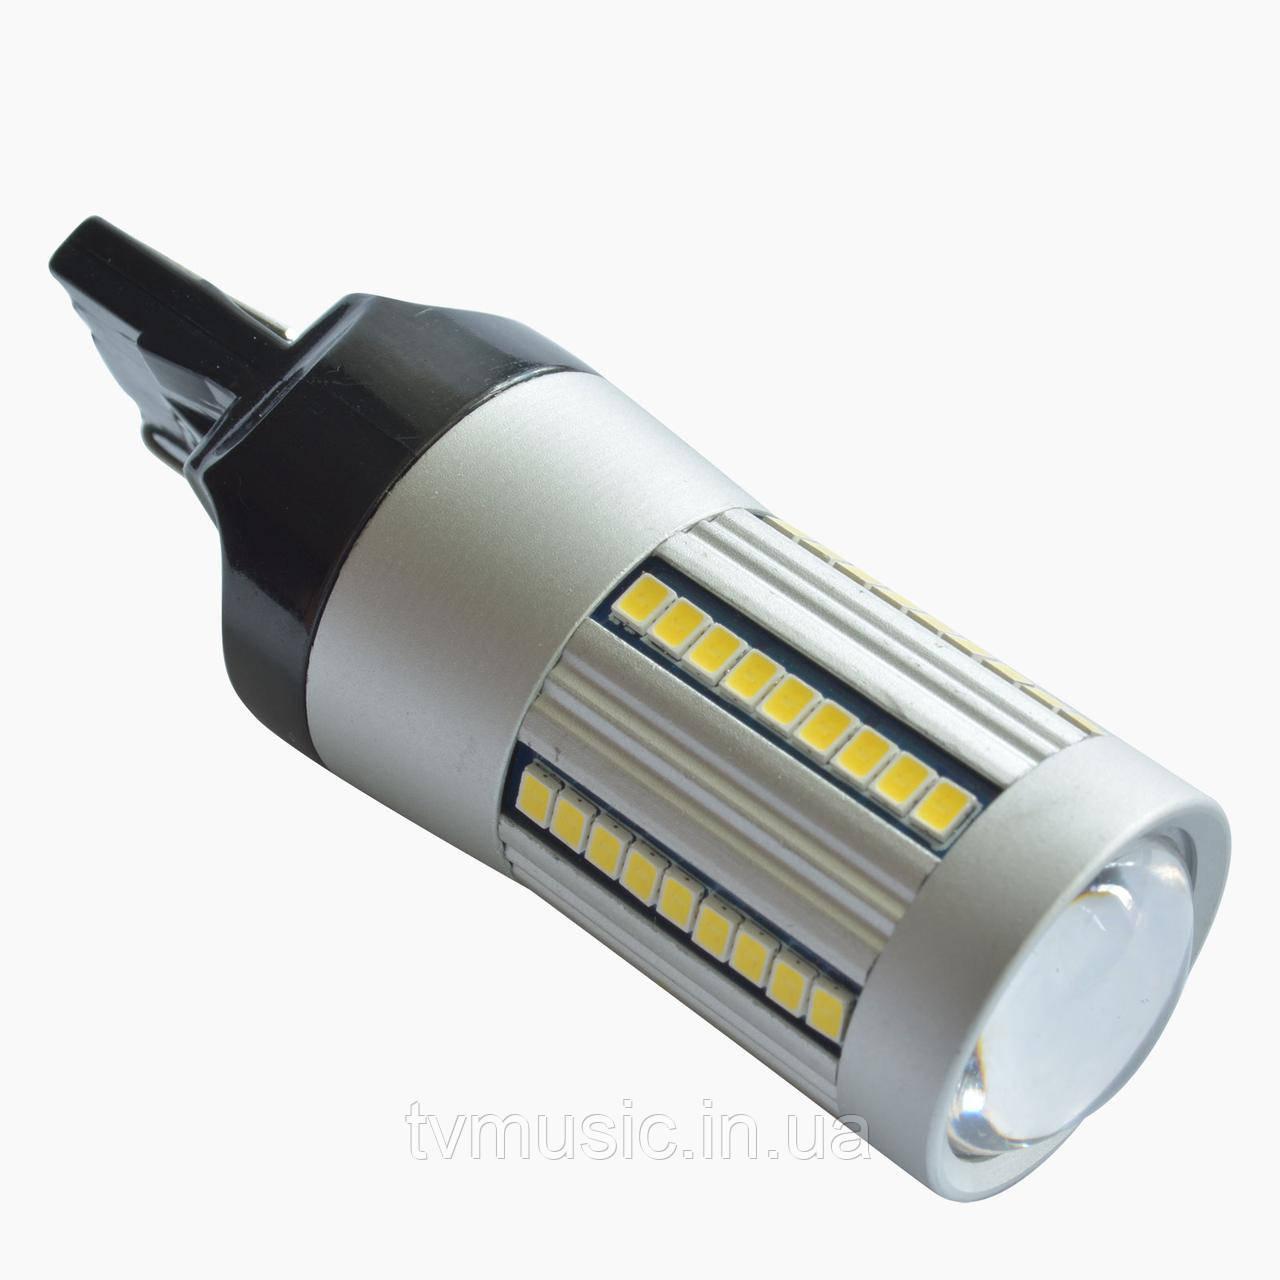 LED лампа заднего хода Prime-X T20-A белый